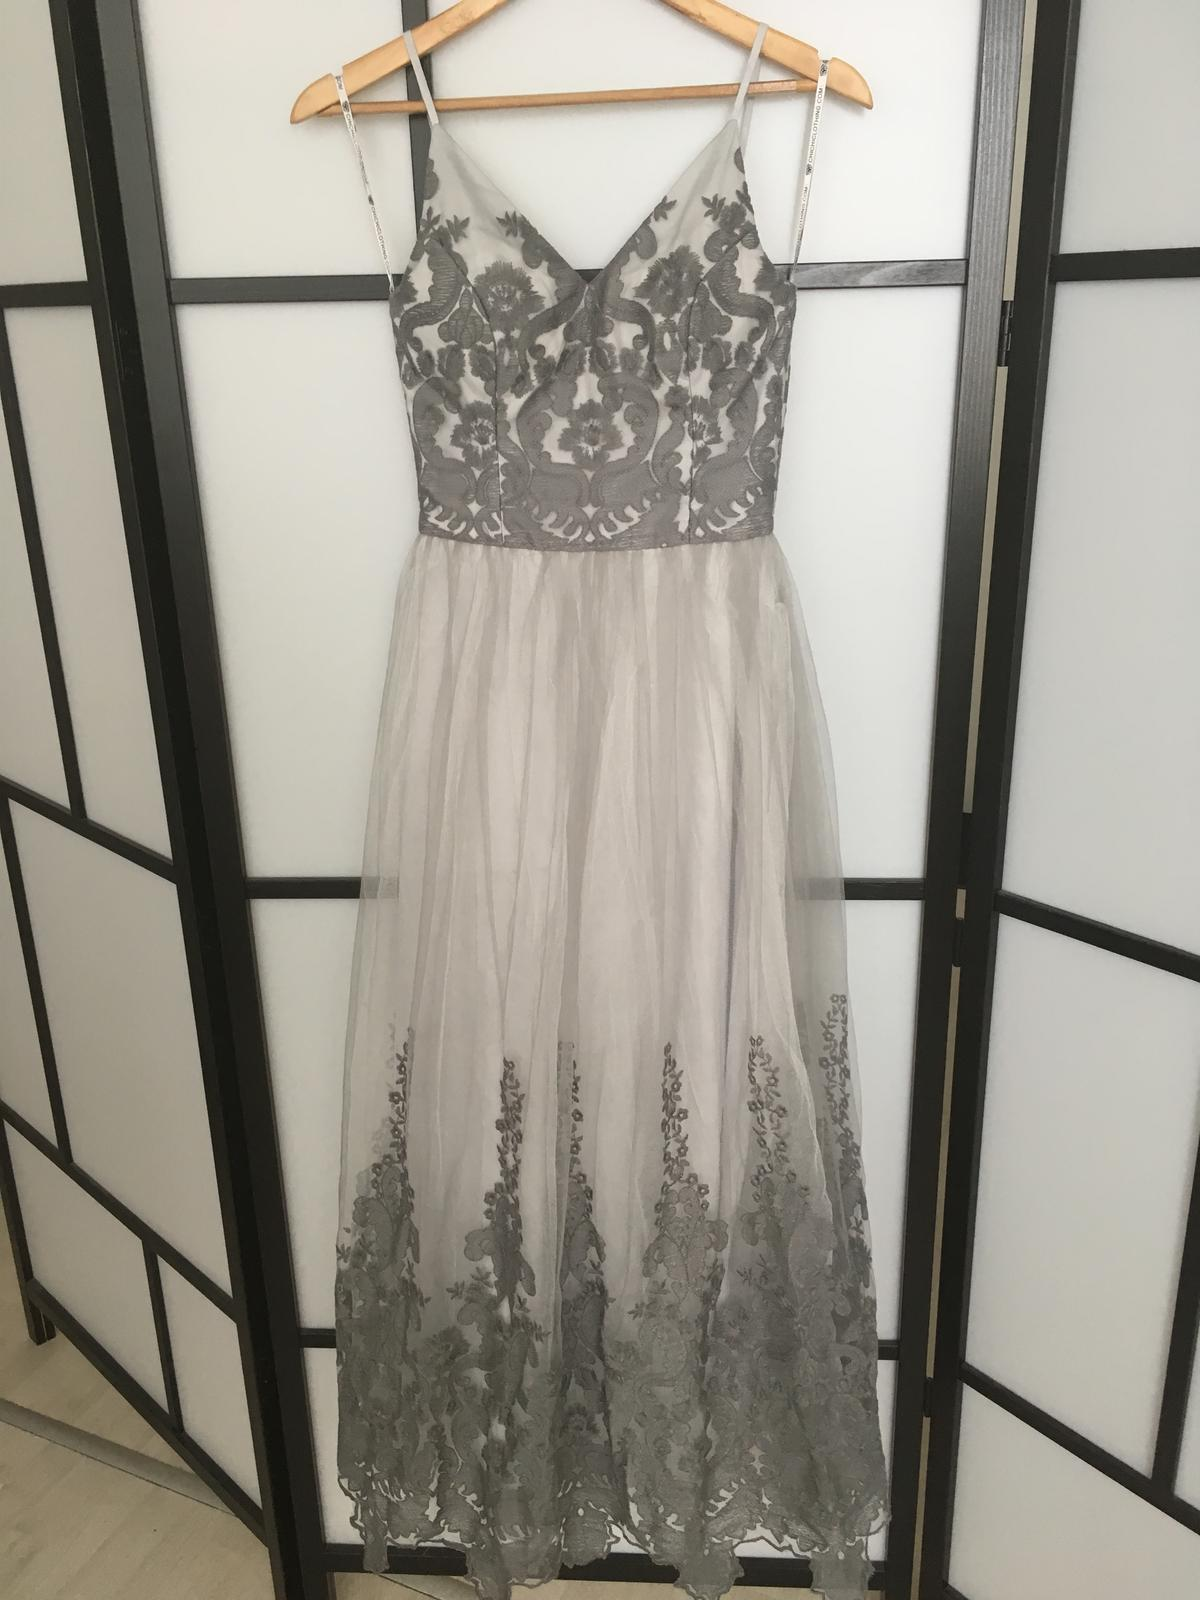 3e58efb3464c Spoločenské šaty dlhé vel. 36-38 predane